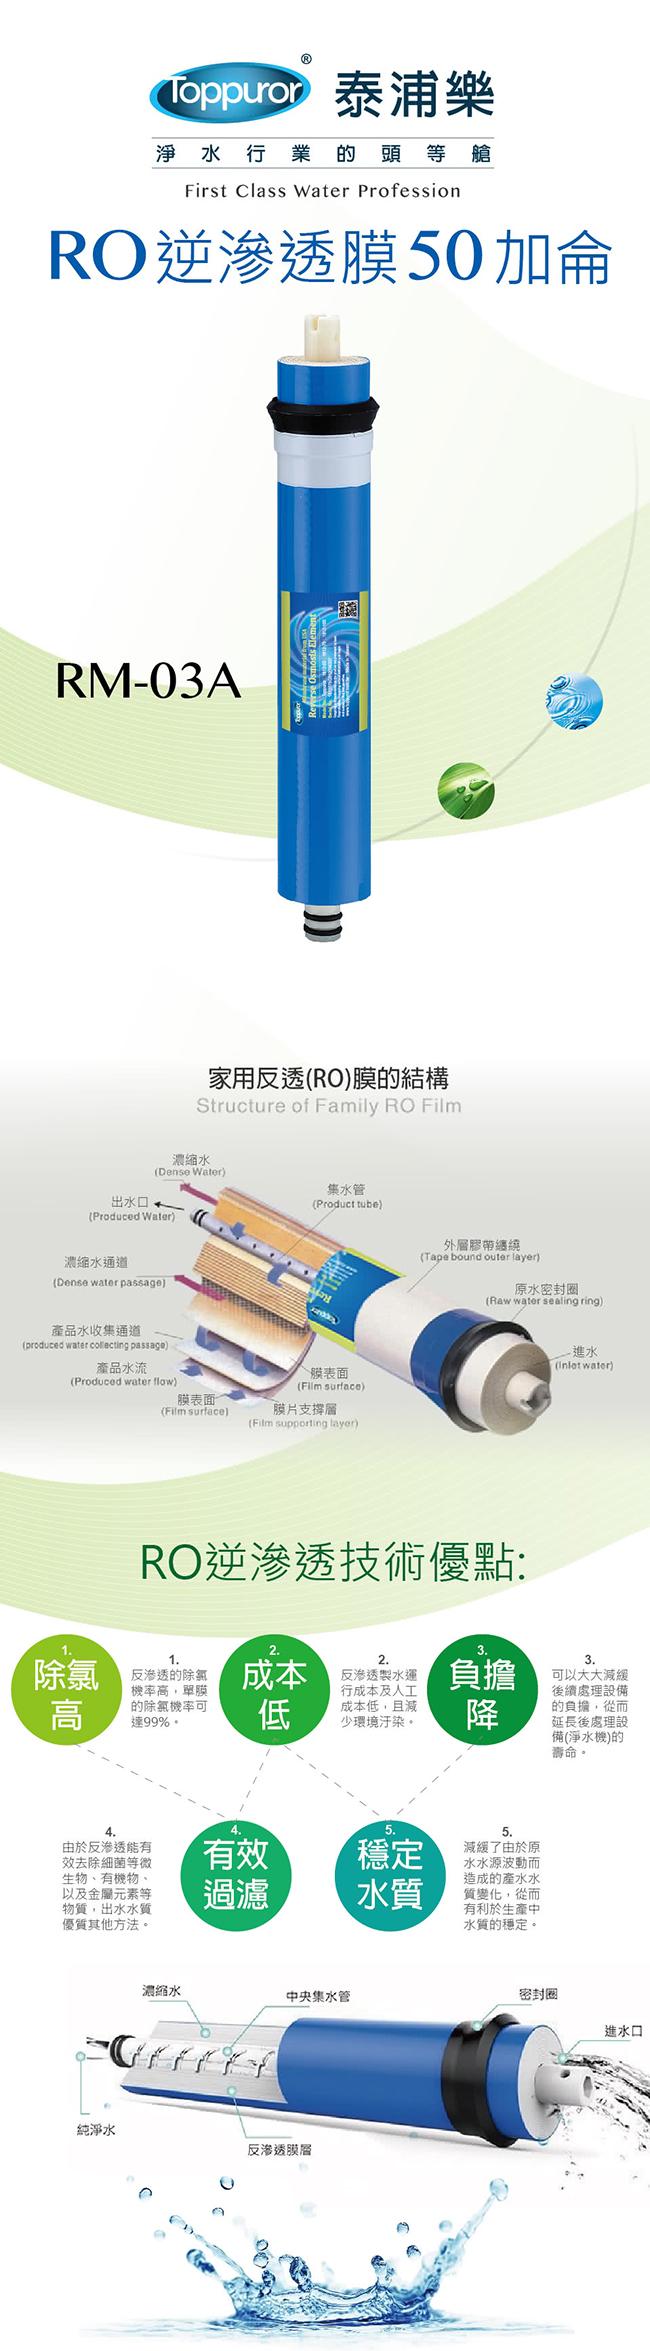 【泰浦樂 Toppuror】50加侖 RO膜(RM-03A)|淨水飲水|特力家購物網